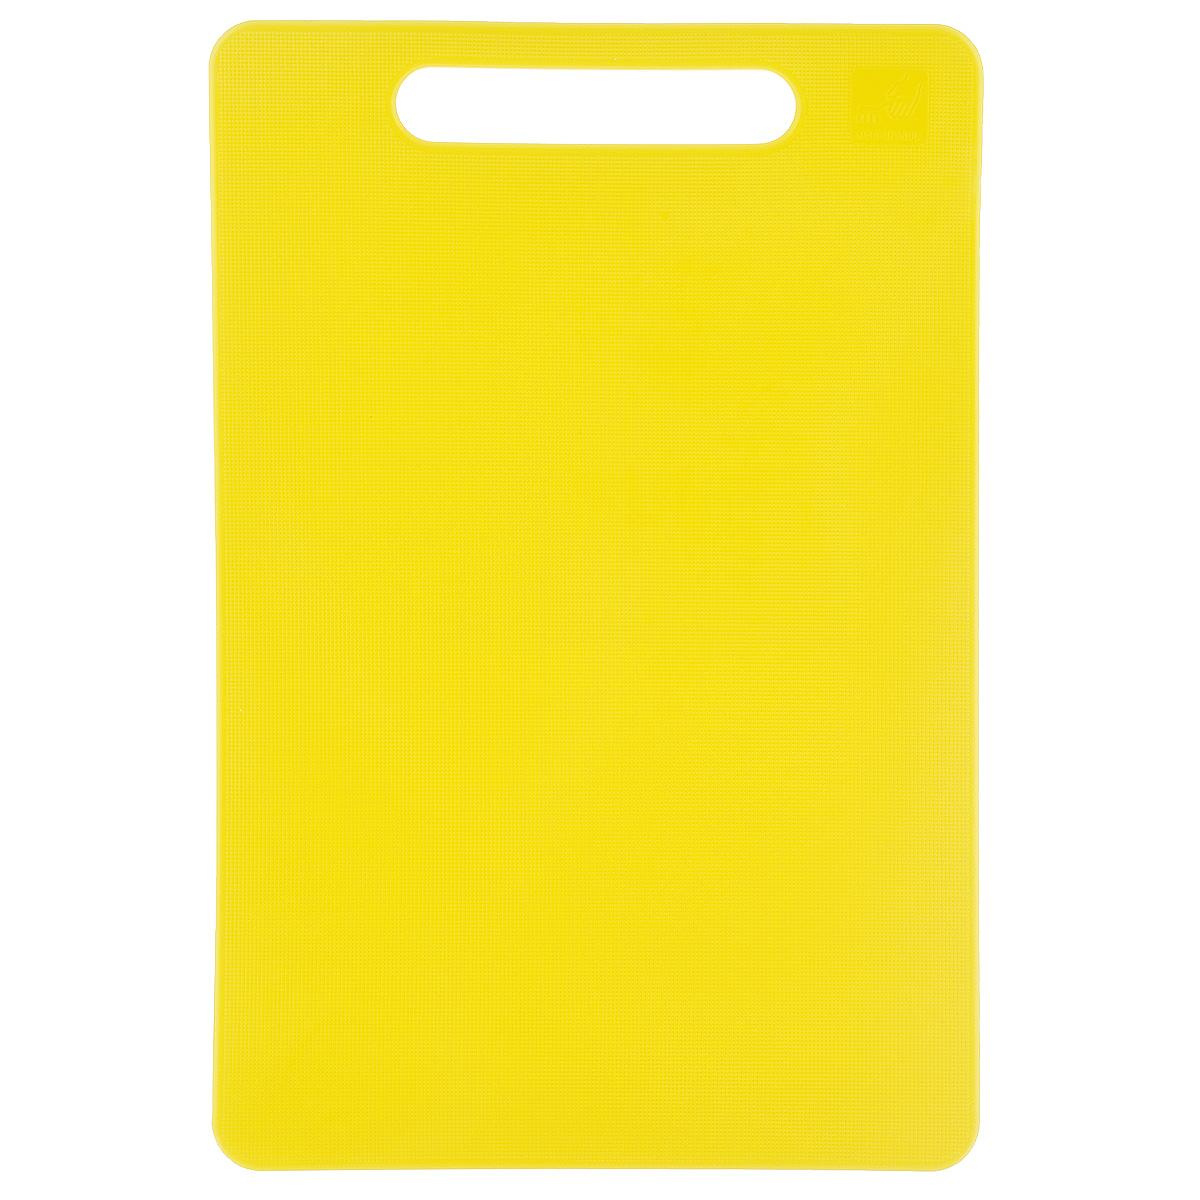 Доска разделочная Kesper, цвет: желтый, 24 х 15 см3046-2Яркая разделочная доска Kesper прекрасно подходит для разделки всех видов пищевых продуктов. Изготовлена из одноцветного прочного пластика. Изделие оснащено отверстием для подвешивания на крючок. Можно мыть в посудомоечной машине.